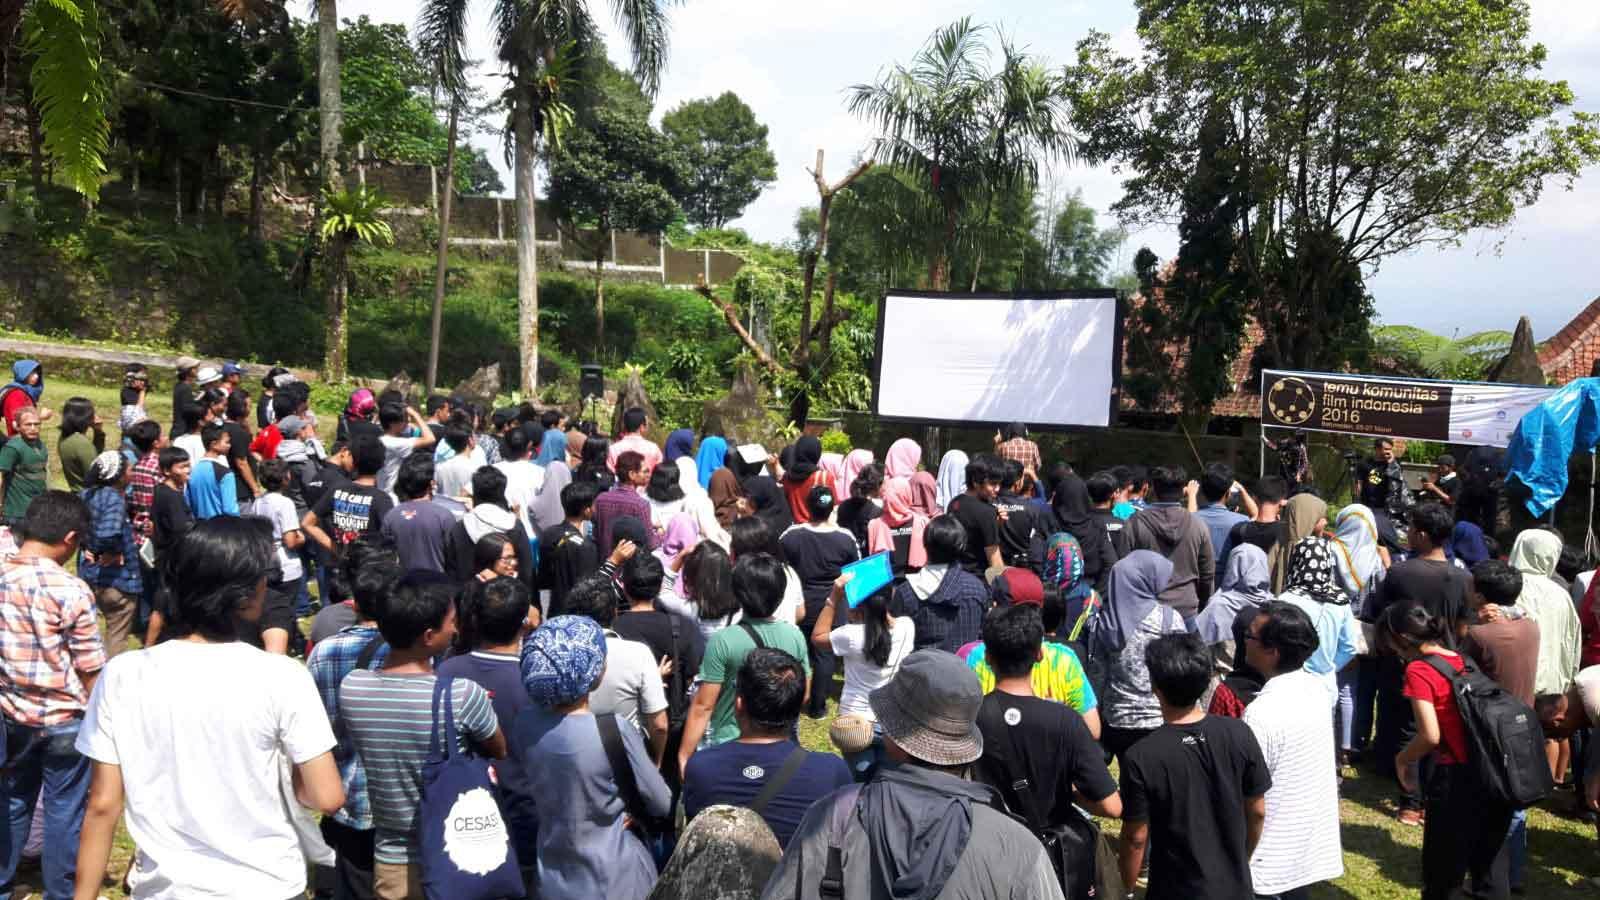 Berbagai pegiat komunitas film dari berbagai kota berkumpul